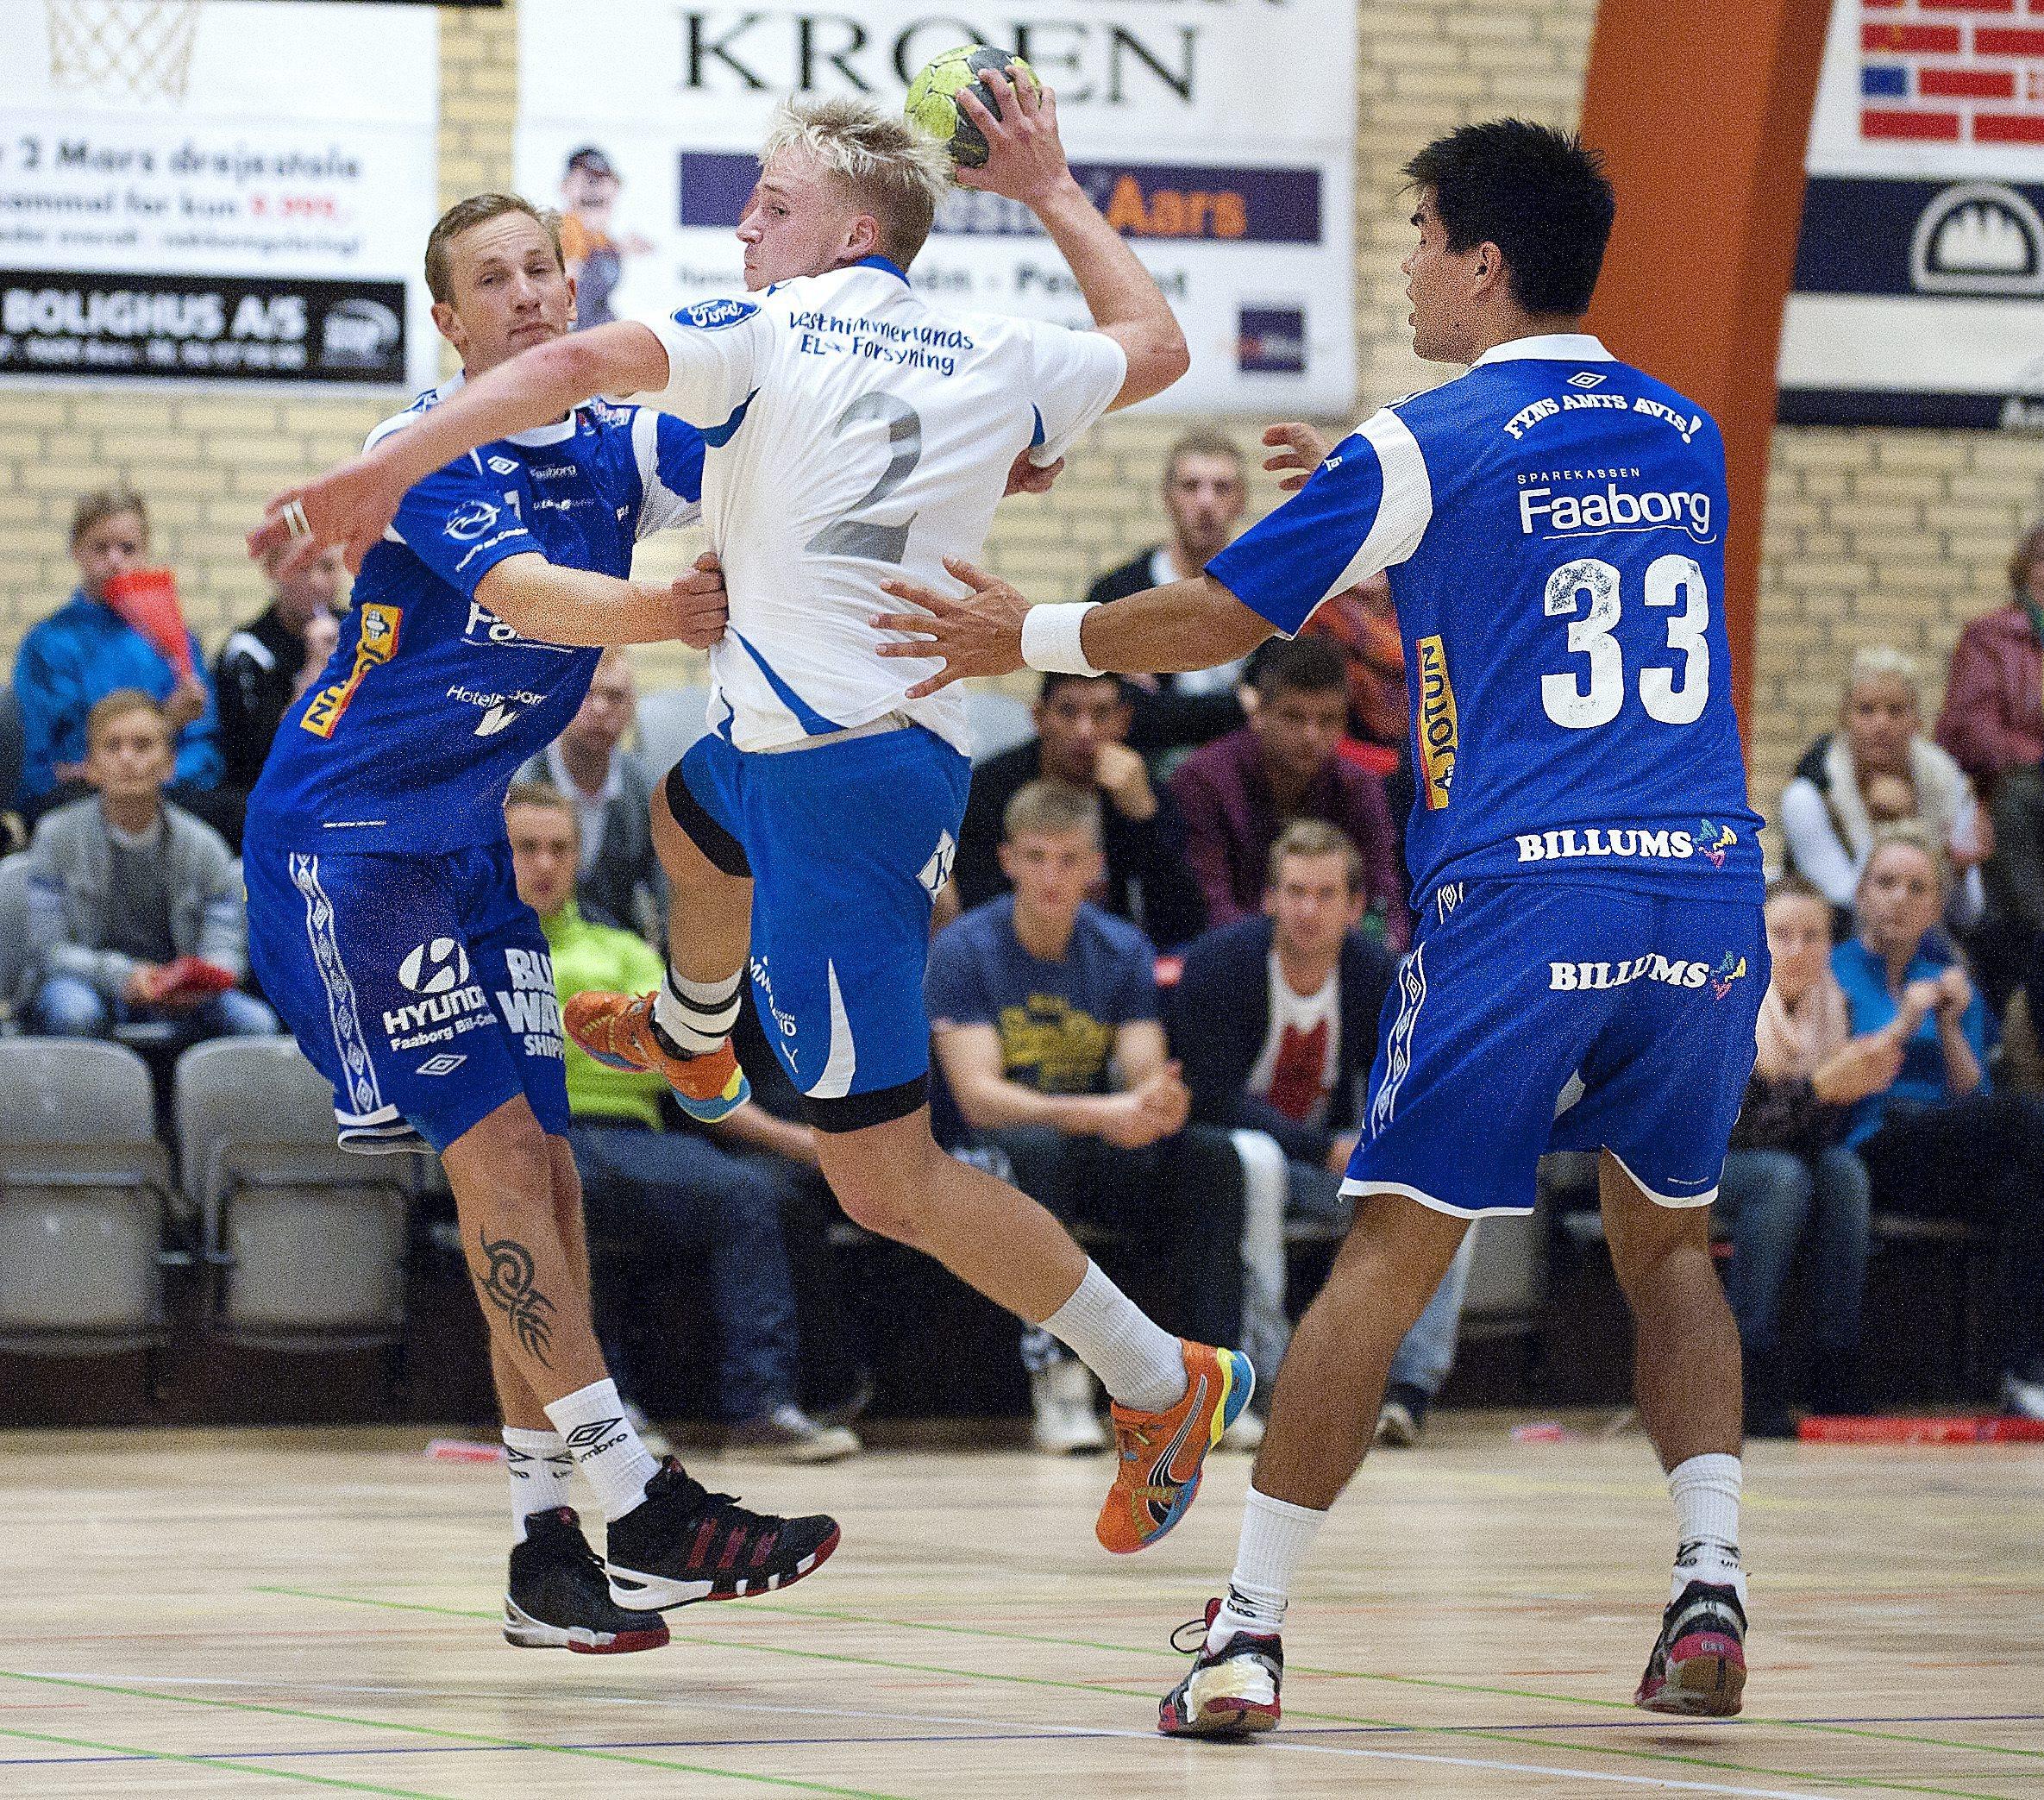 Knud Labohn